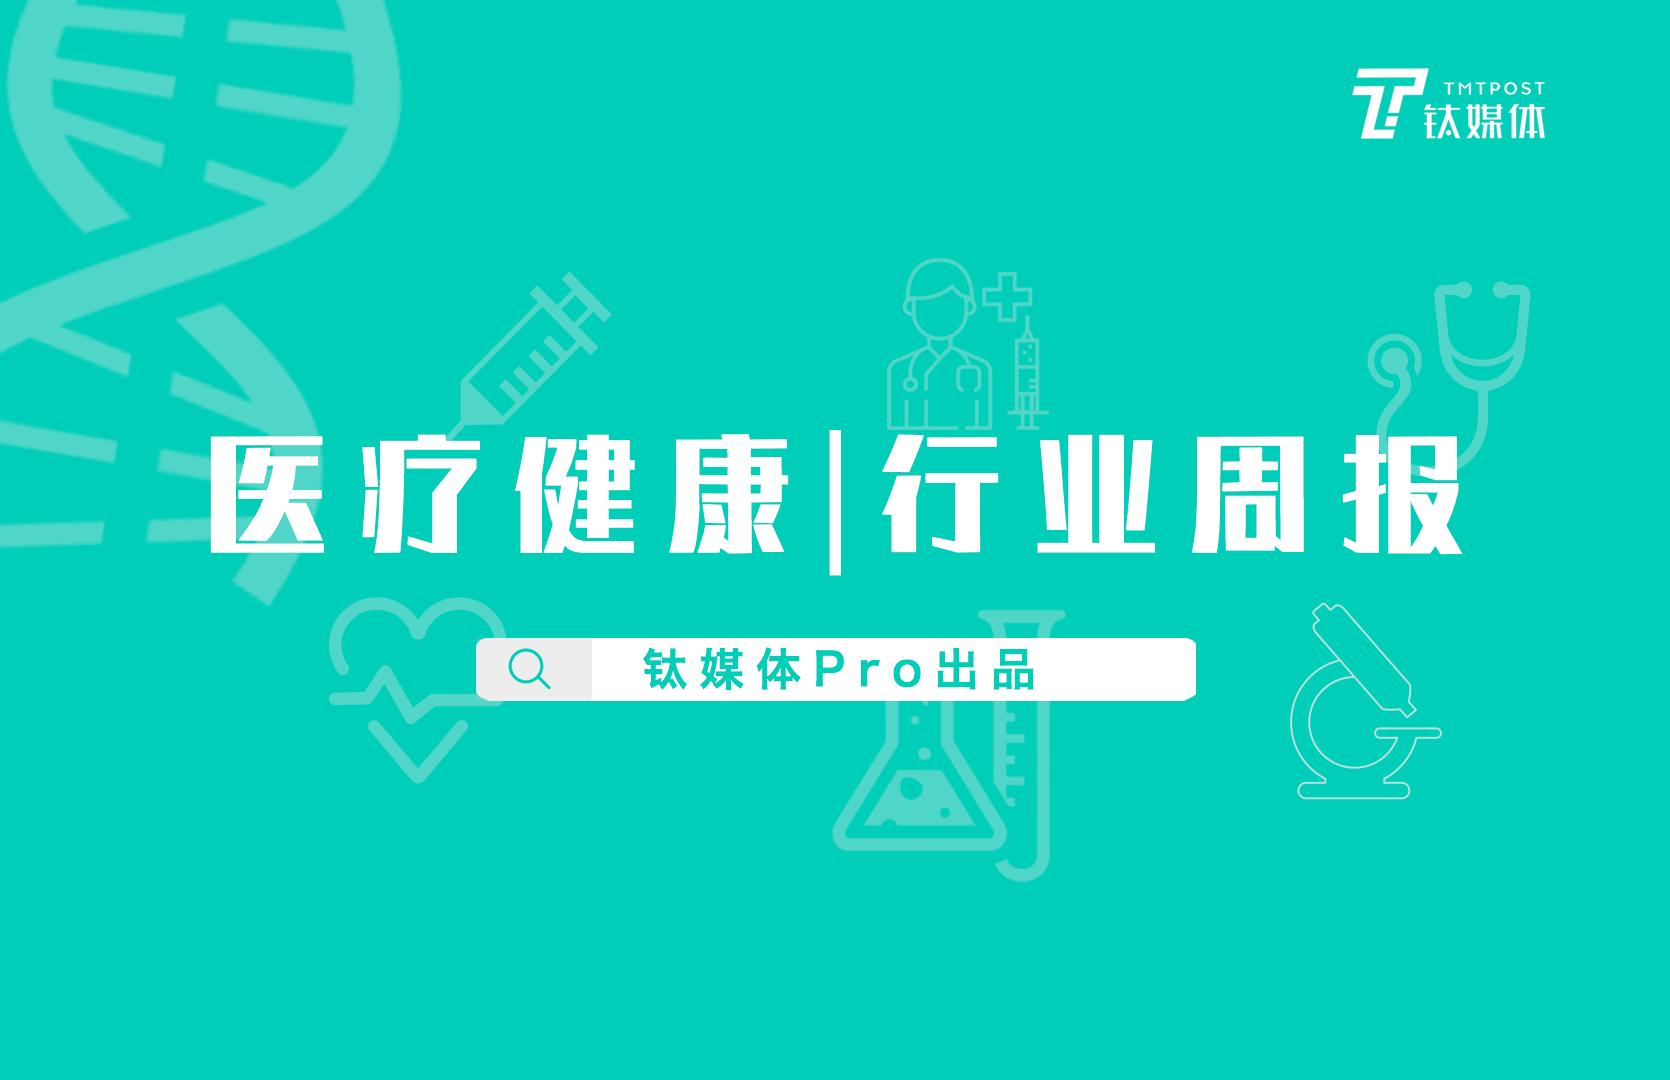 项目,医药,国内乐普生物获12.91亿元B轮融资,总融资额约392亿元人民币,医疗健康,领域]医疗健康行业周报:第32周